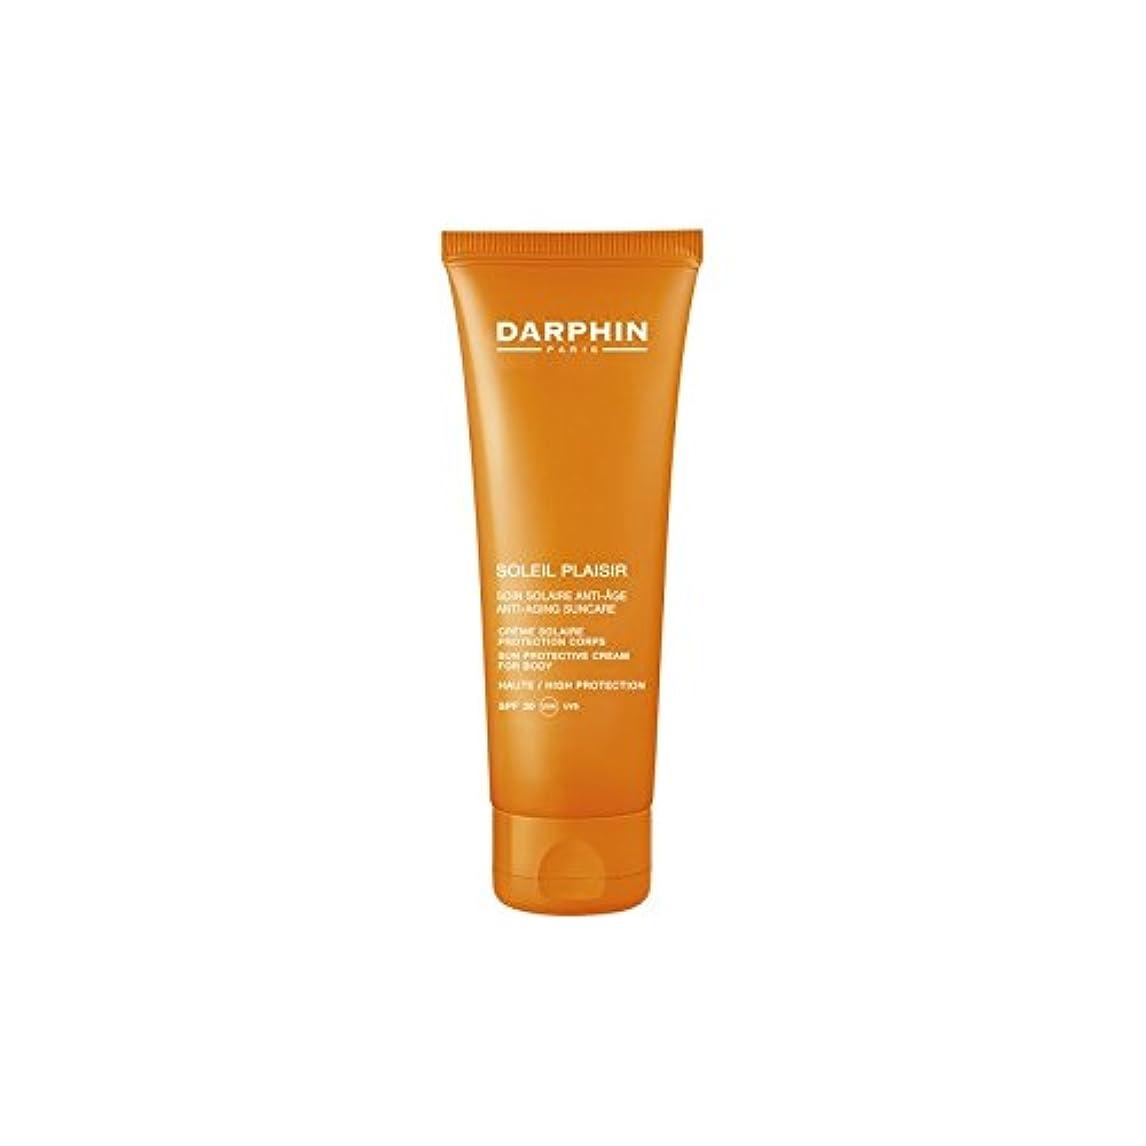 参照するほうき亜熱帯ダルファンソレイユプレジールボディクリーム x2 - Darphin Soleil Plaisir Body Cream (Pack of 2) [並行輸入品]